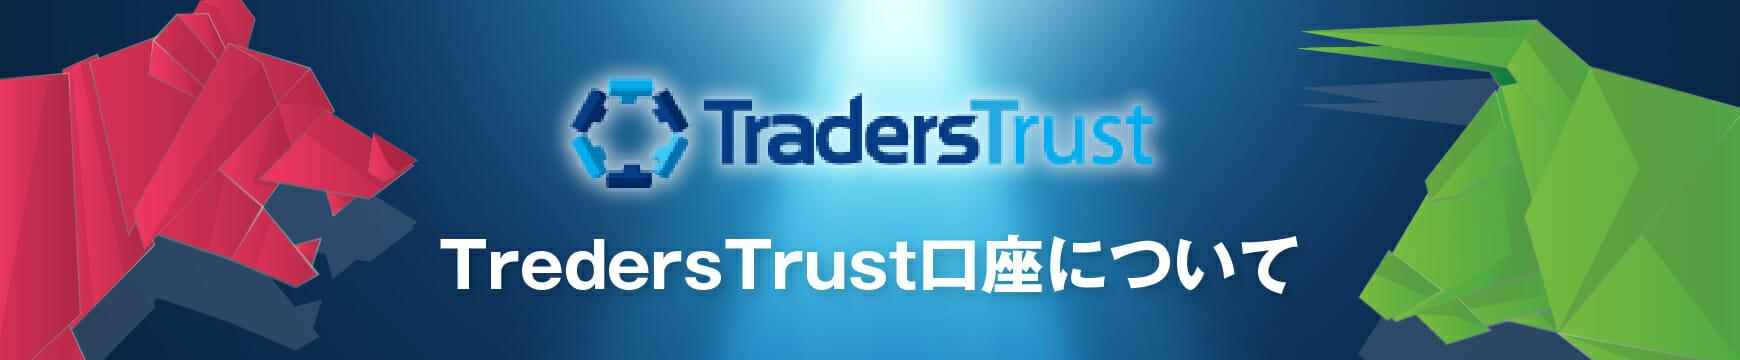 TradersTrust(トレーダーズトラスト)のボーナス・キャンペーンまとめ!0からすべて教えます!